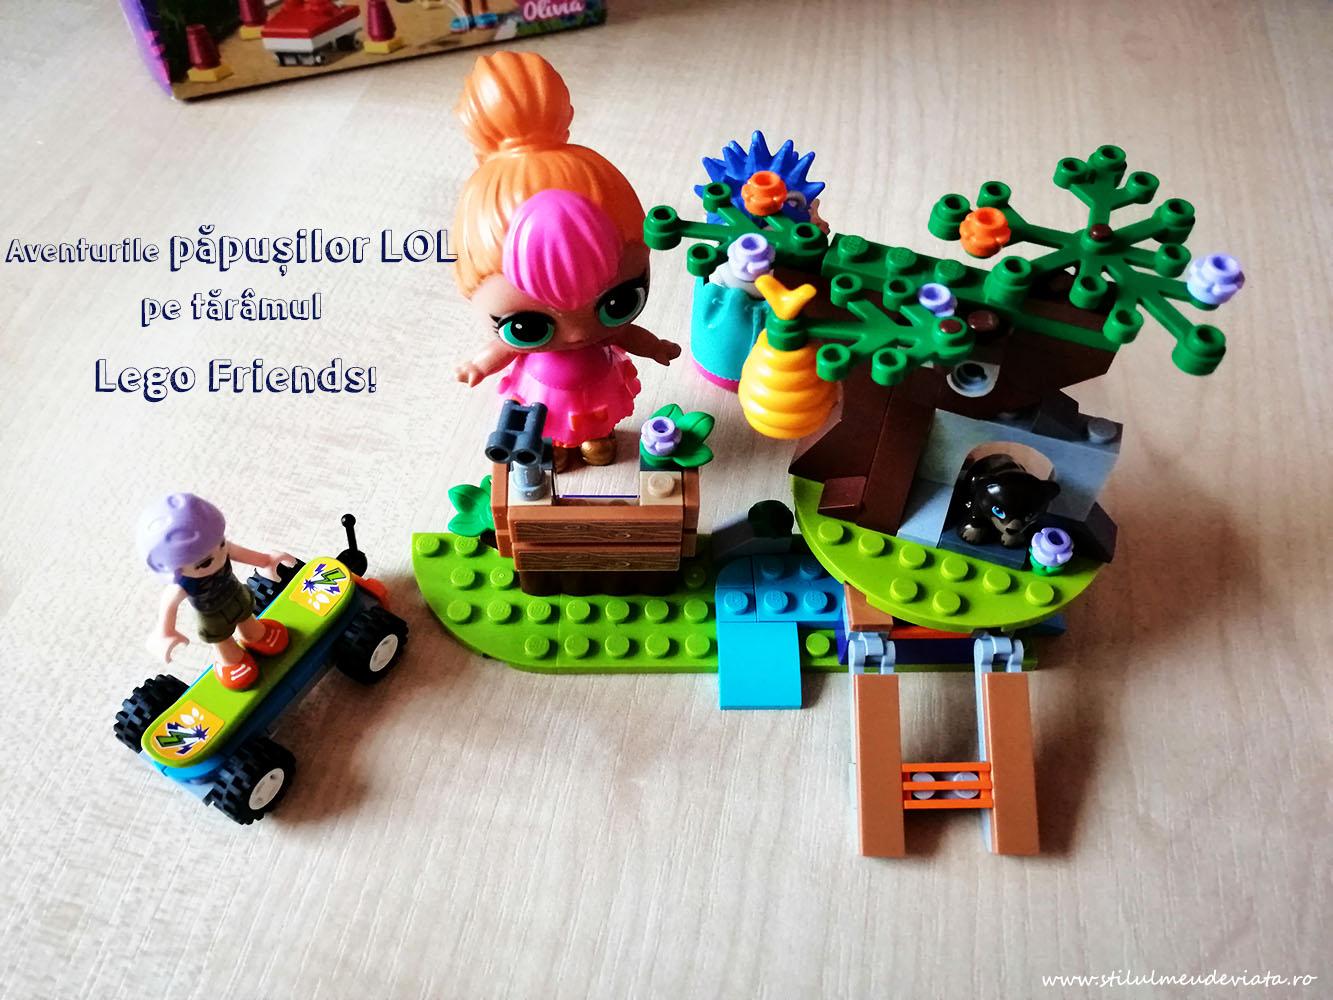 Aventurile păpușilor LOL pe tărâmul Lego Friends!